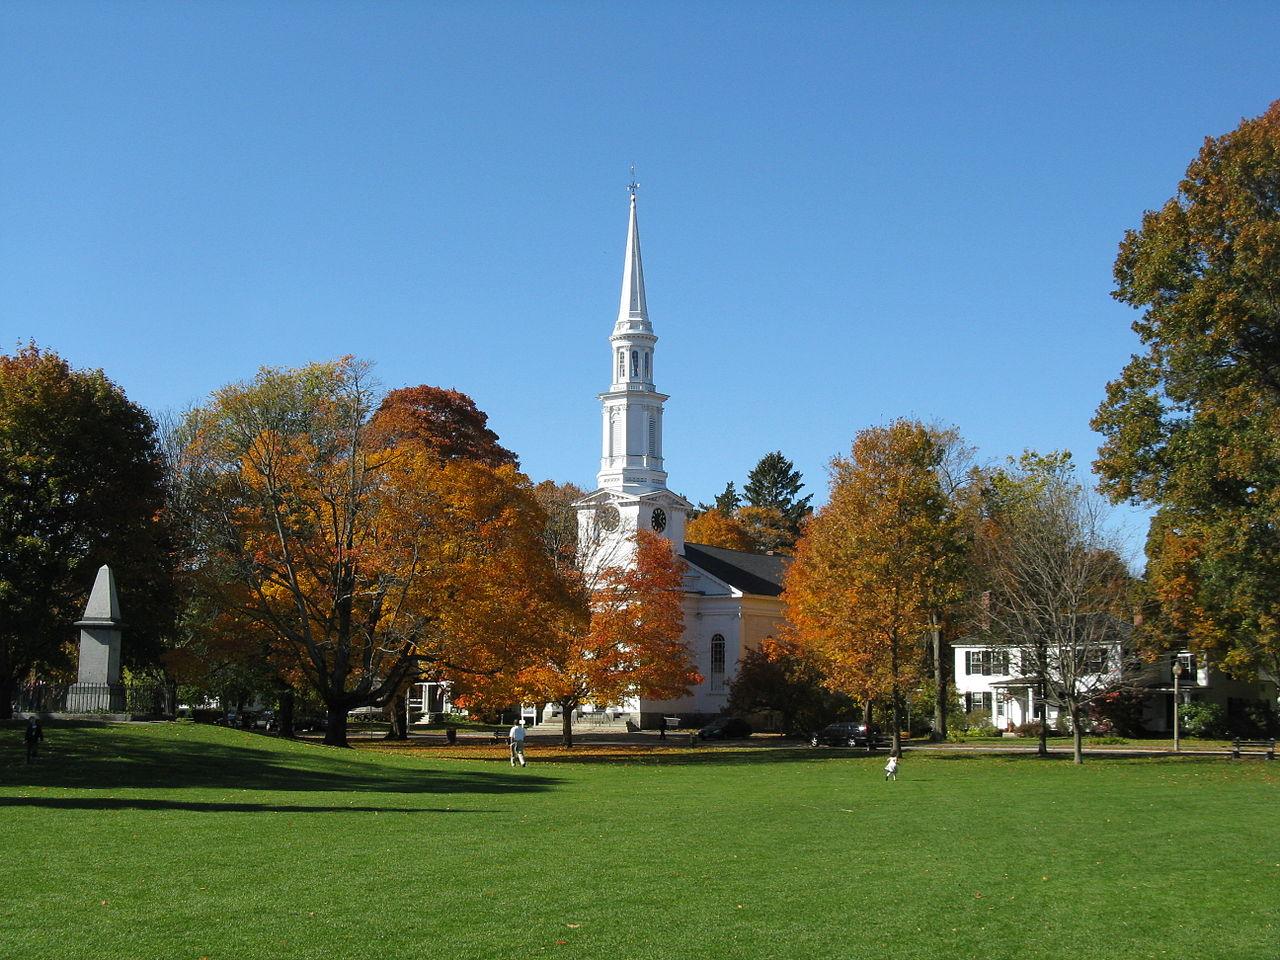 Lexington, MA - Font: Google Images